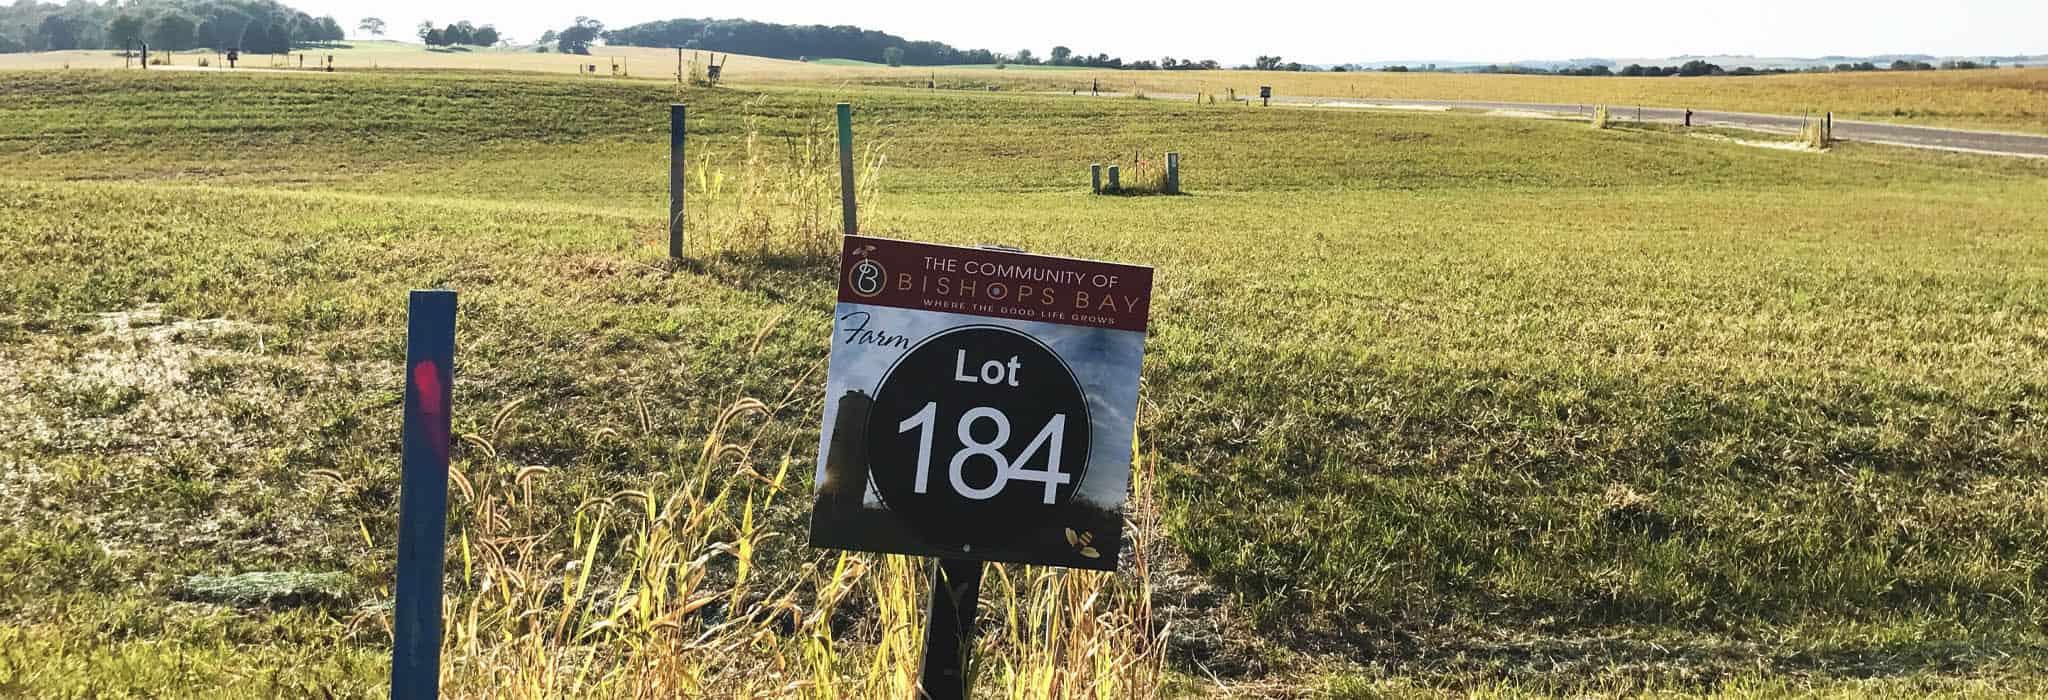 Farm Lot 184